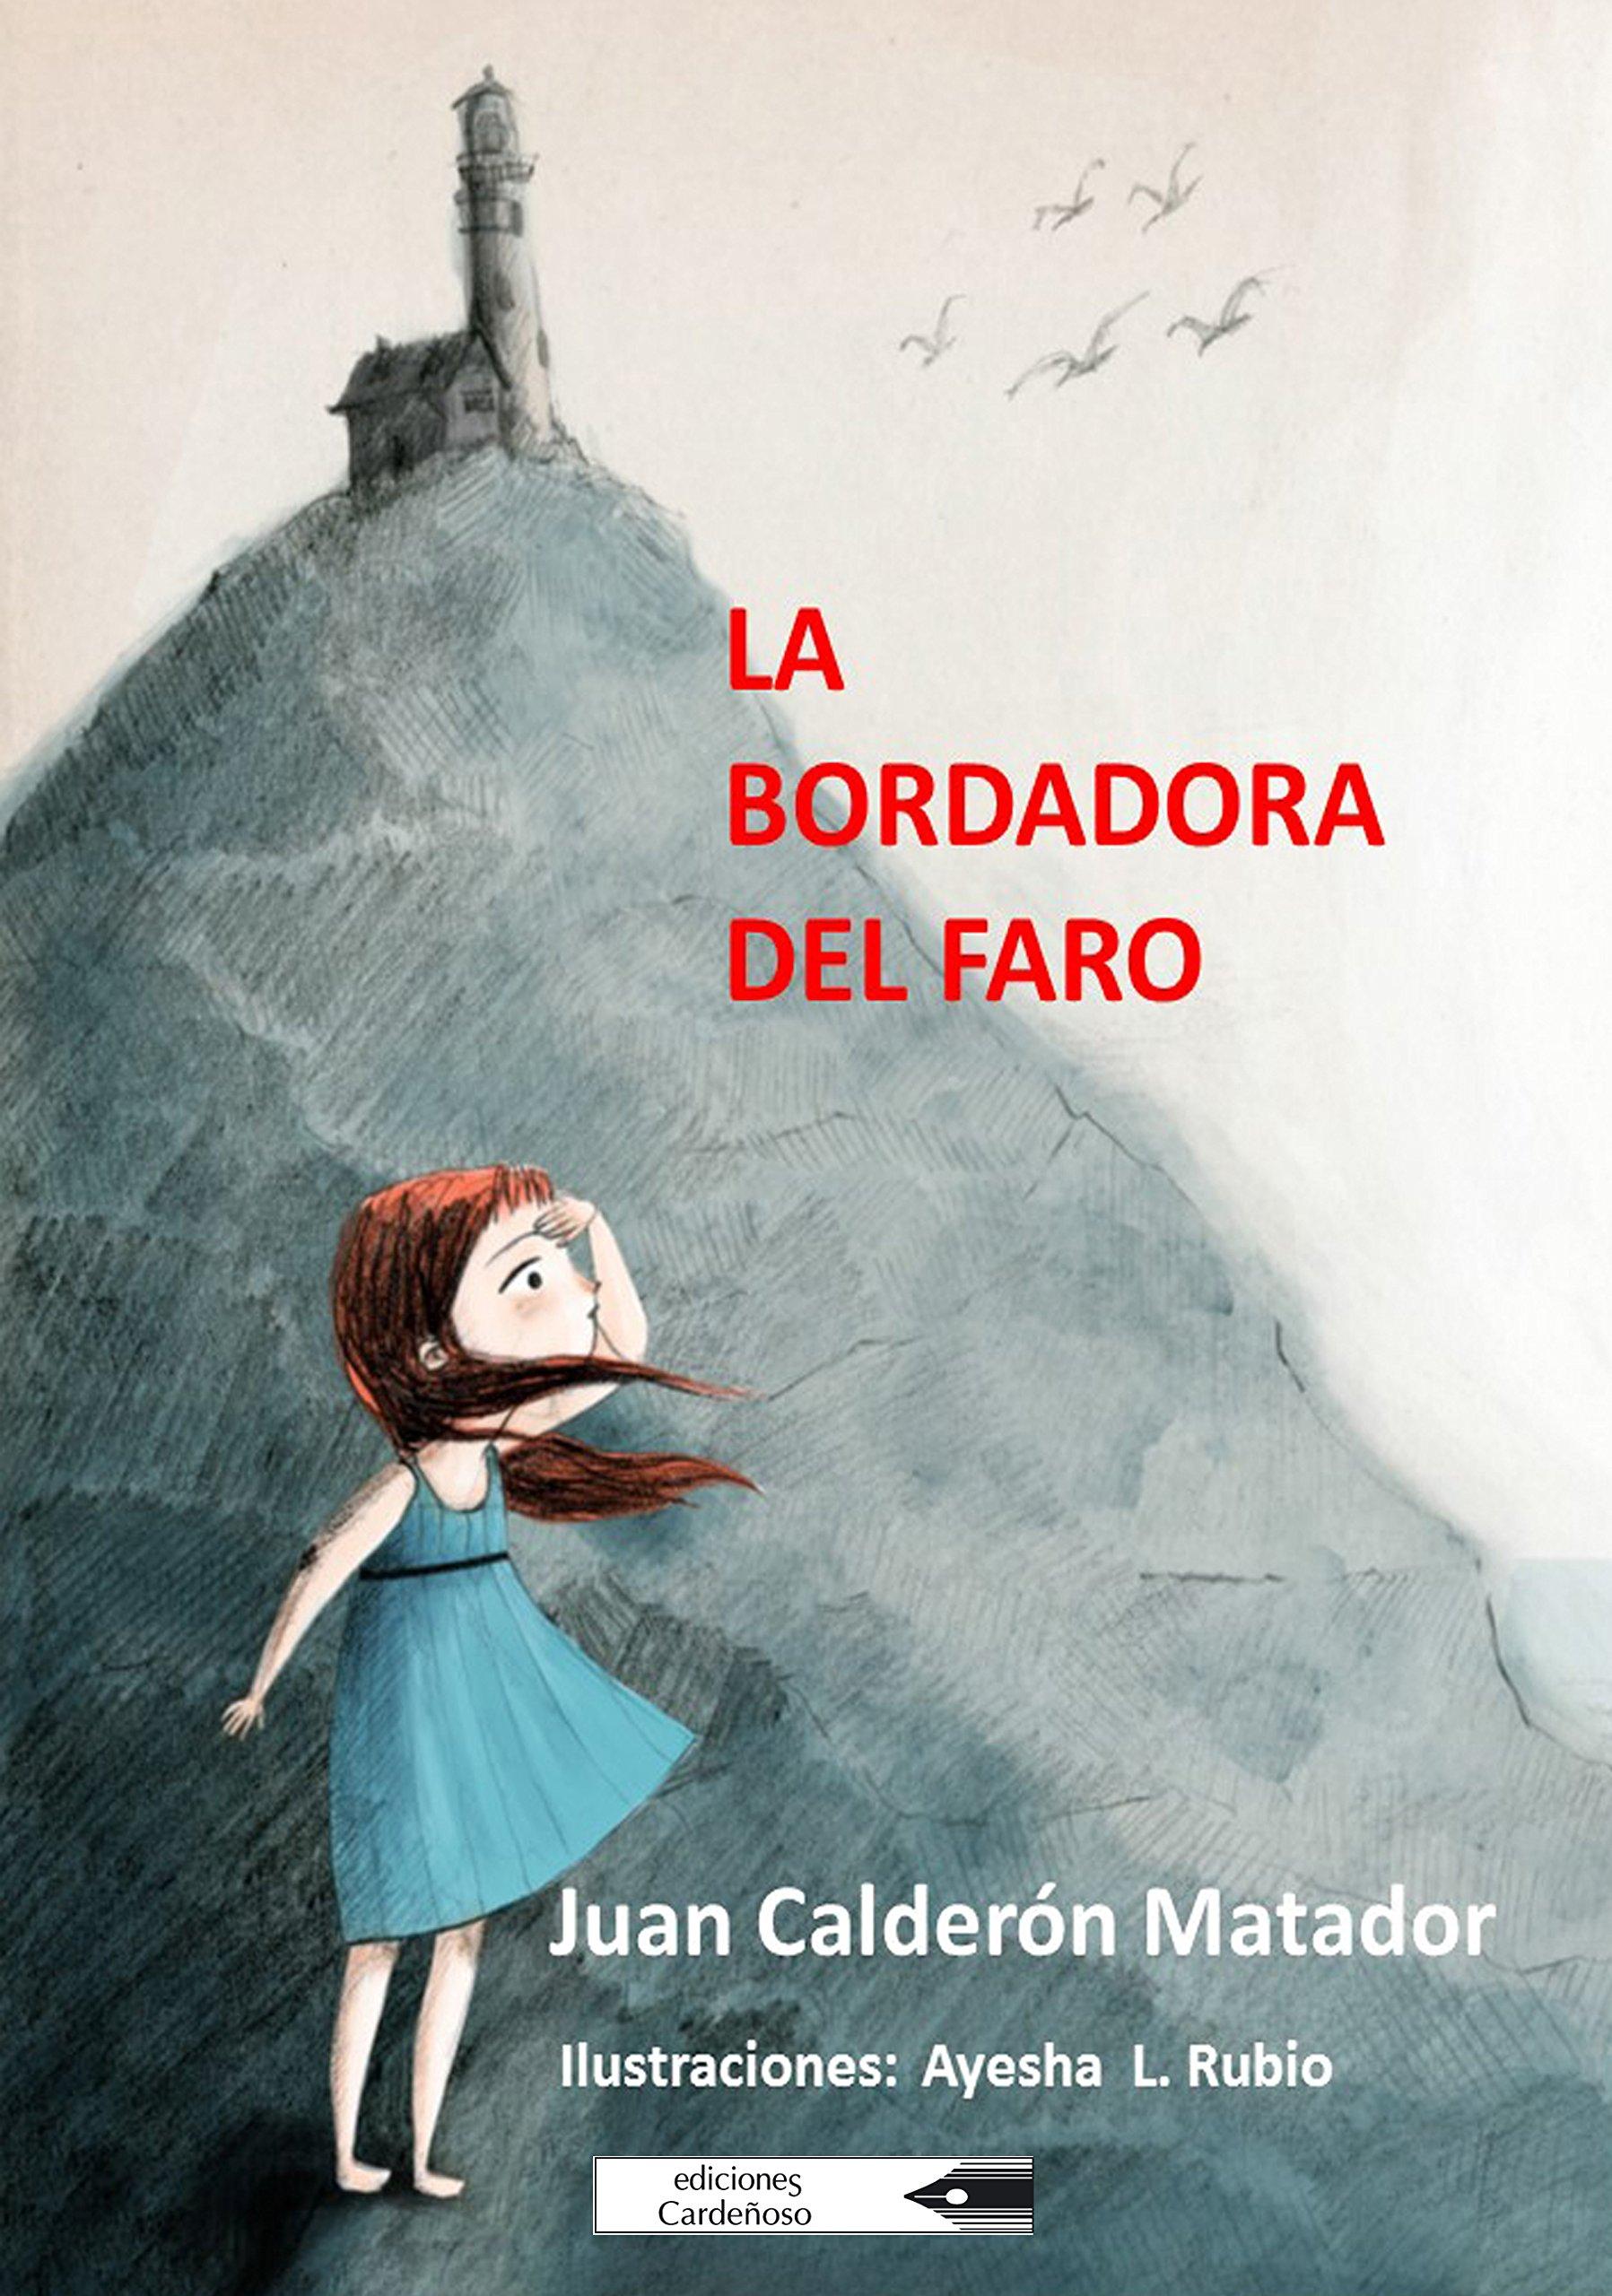 La bordadora del faro: Amazon.es: Juan Calderón Matador, Ayesha L. Rubio: Libros